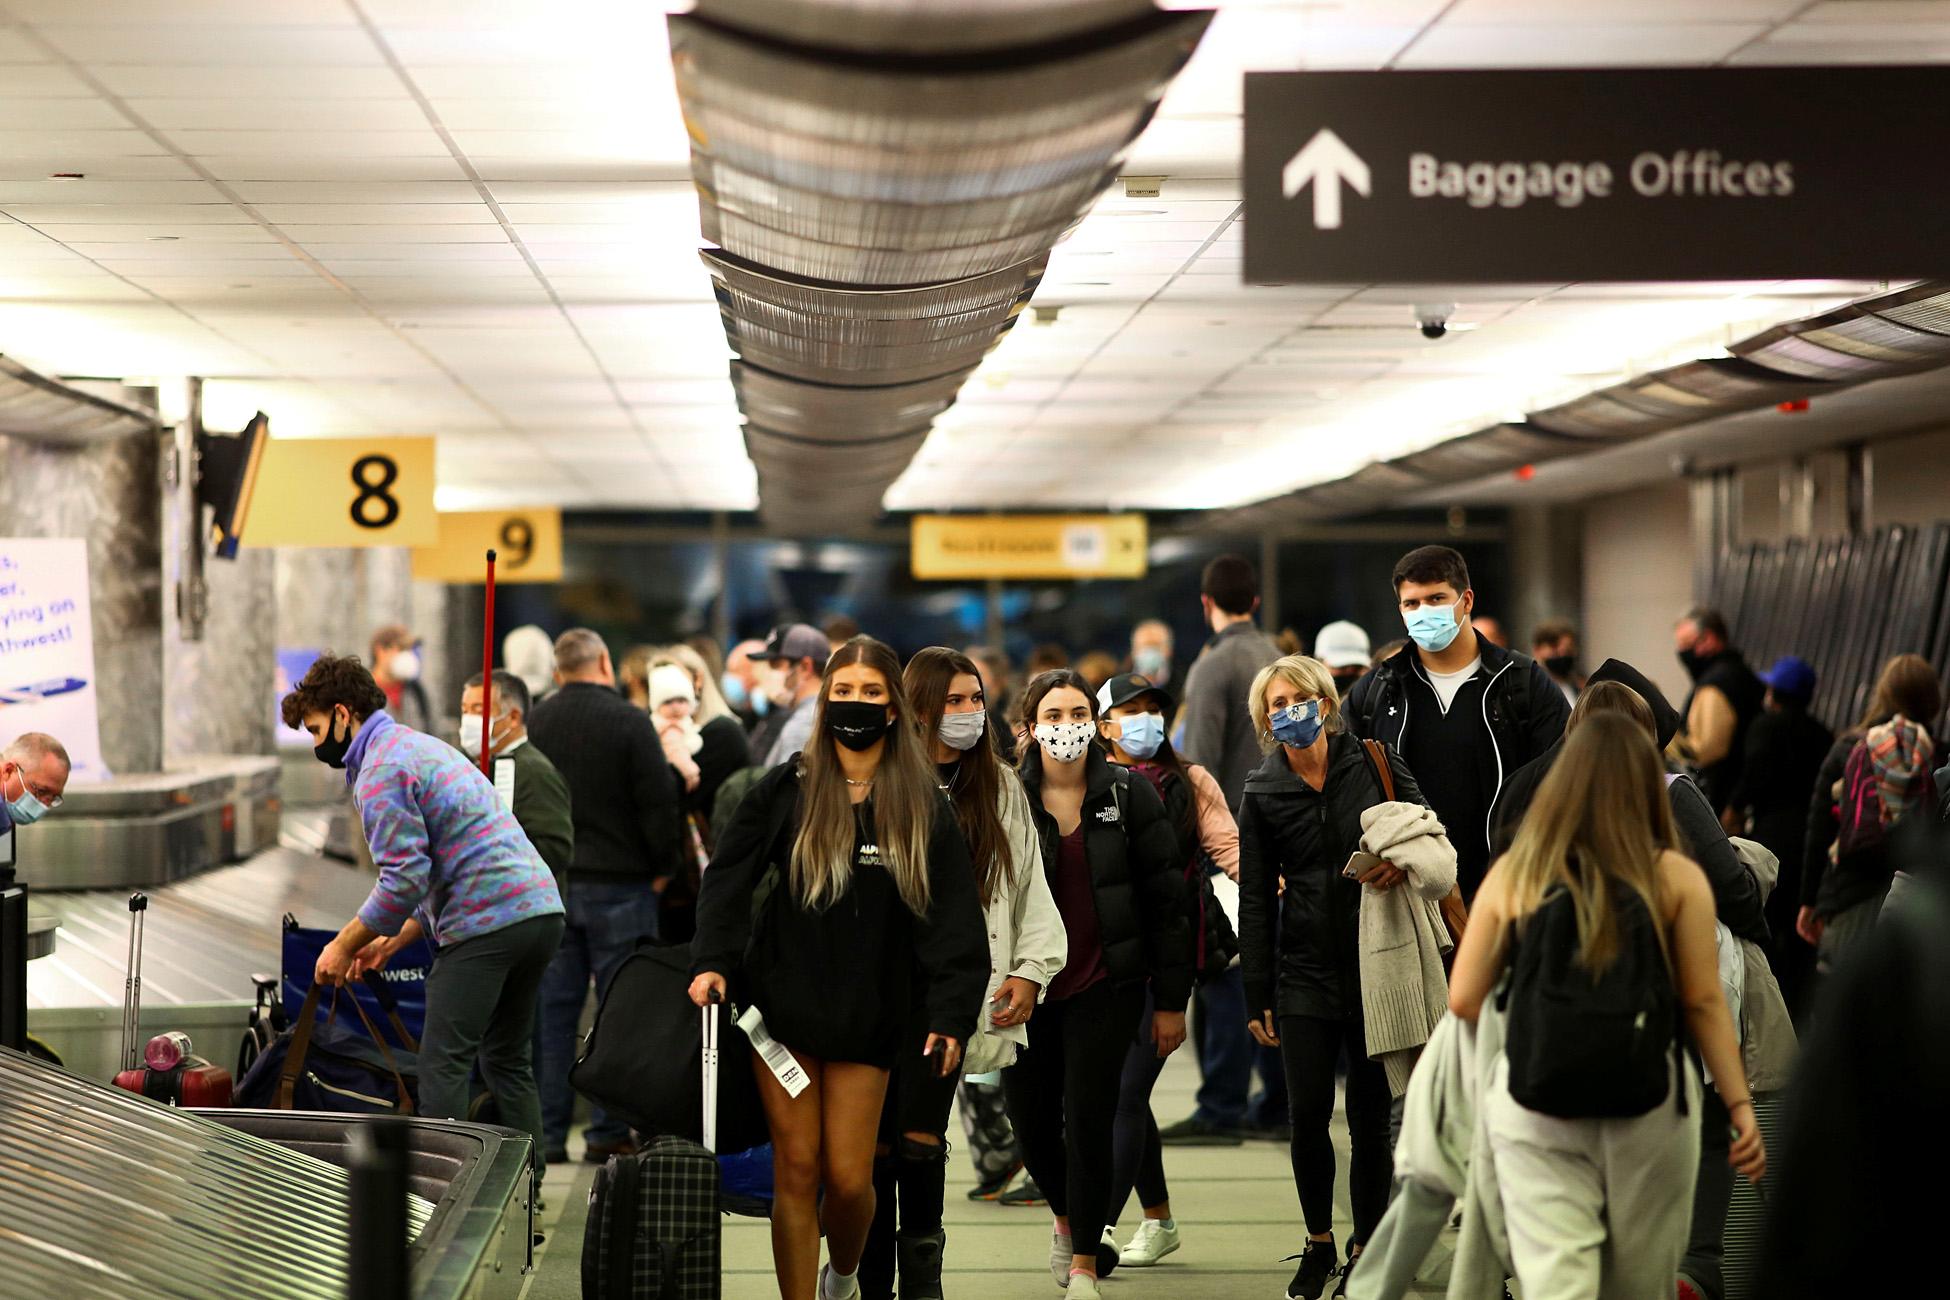 ΗΠΑ: Υποχρεωτική χρήση μάσκας στα μέσα μεταφοράς